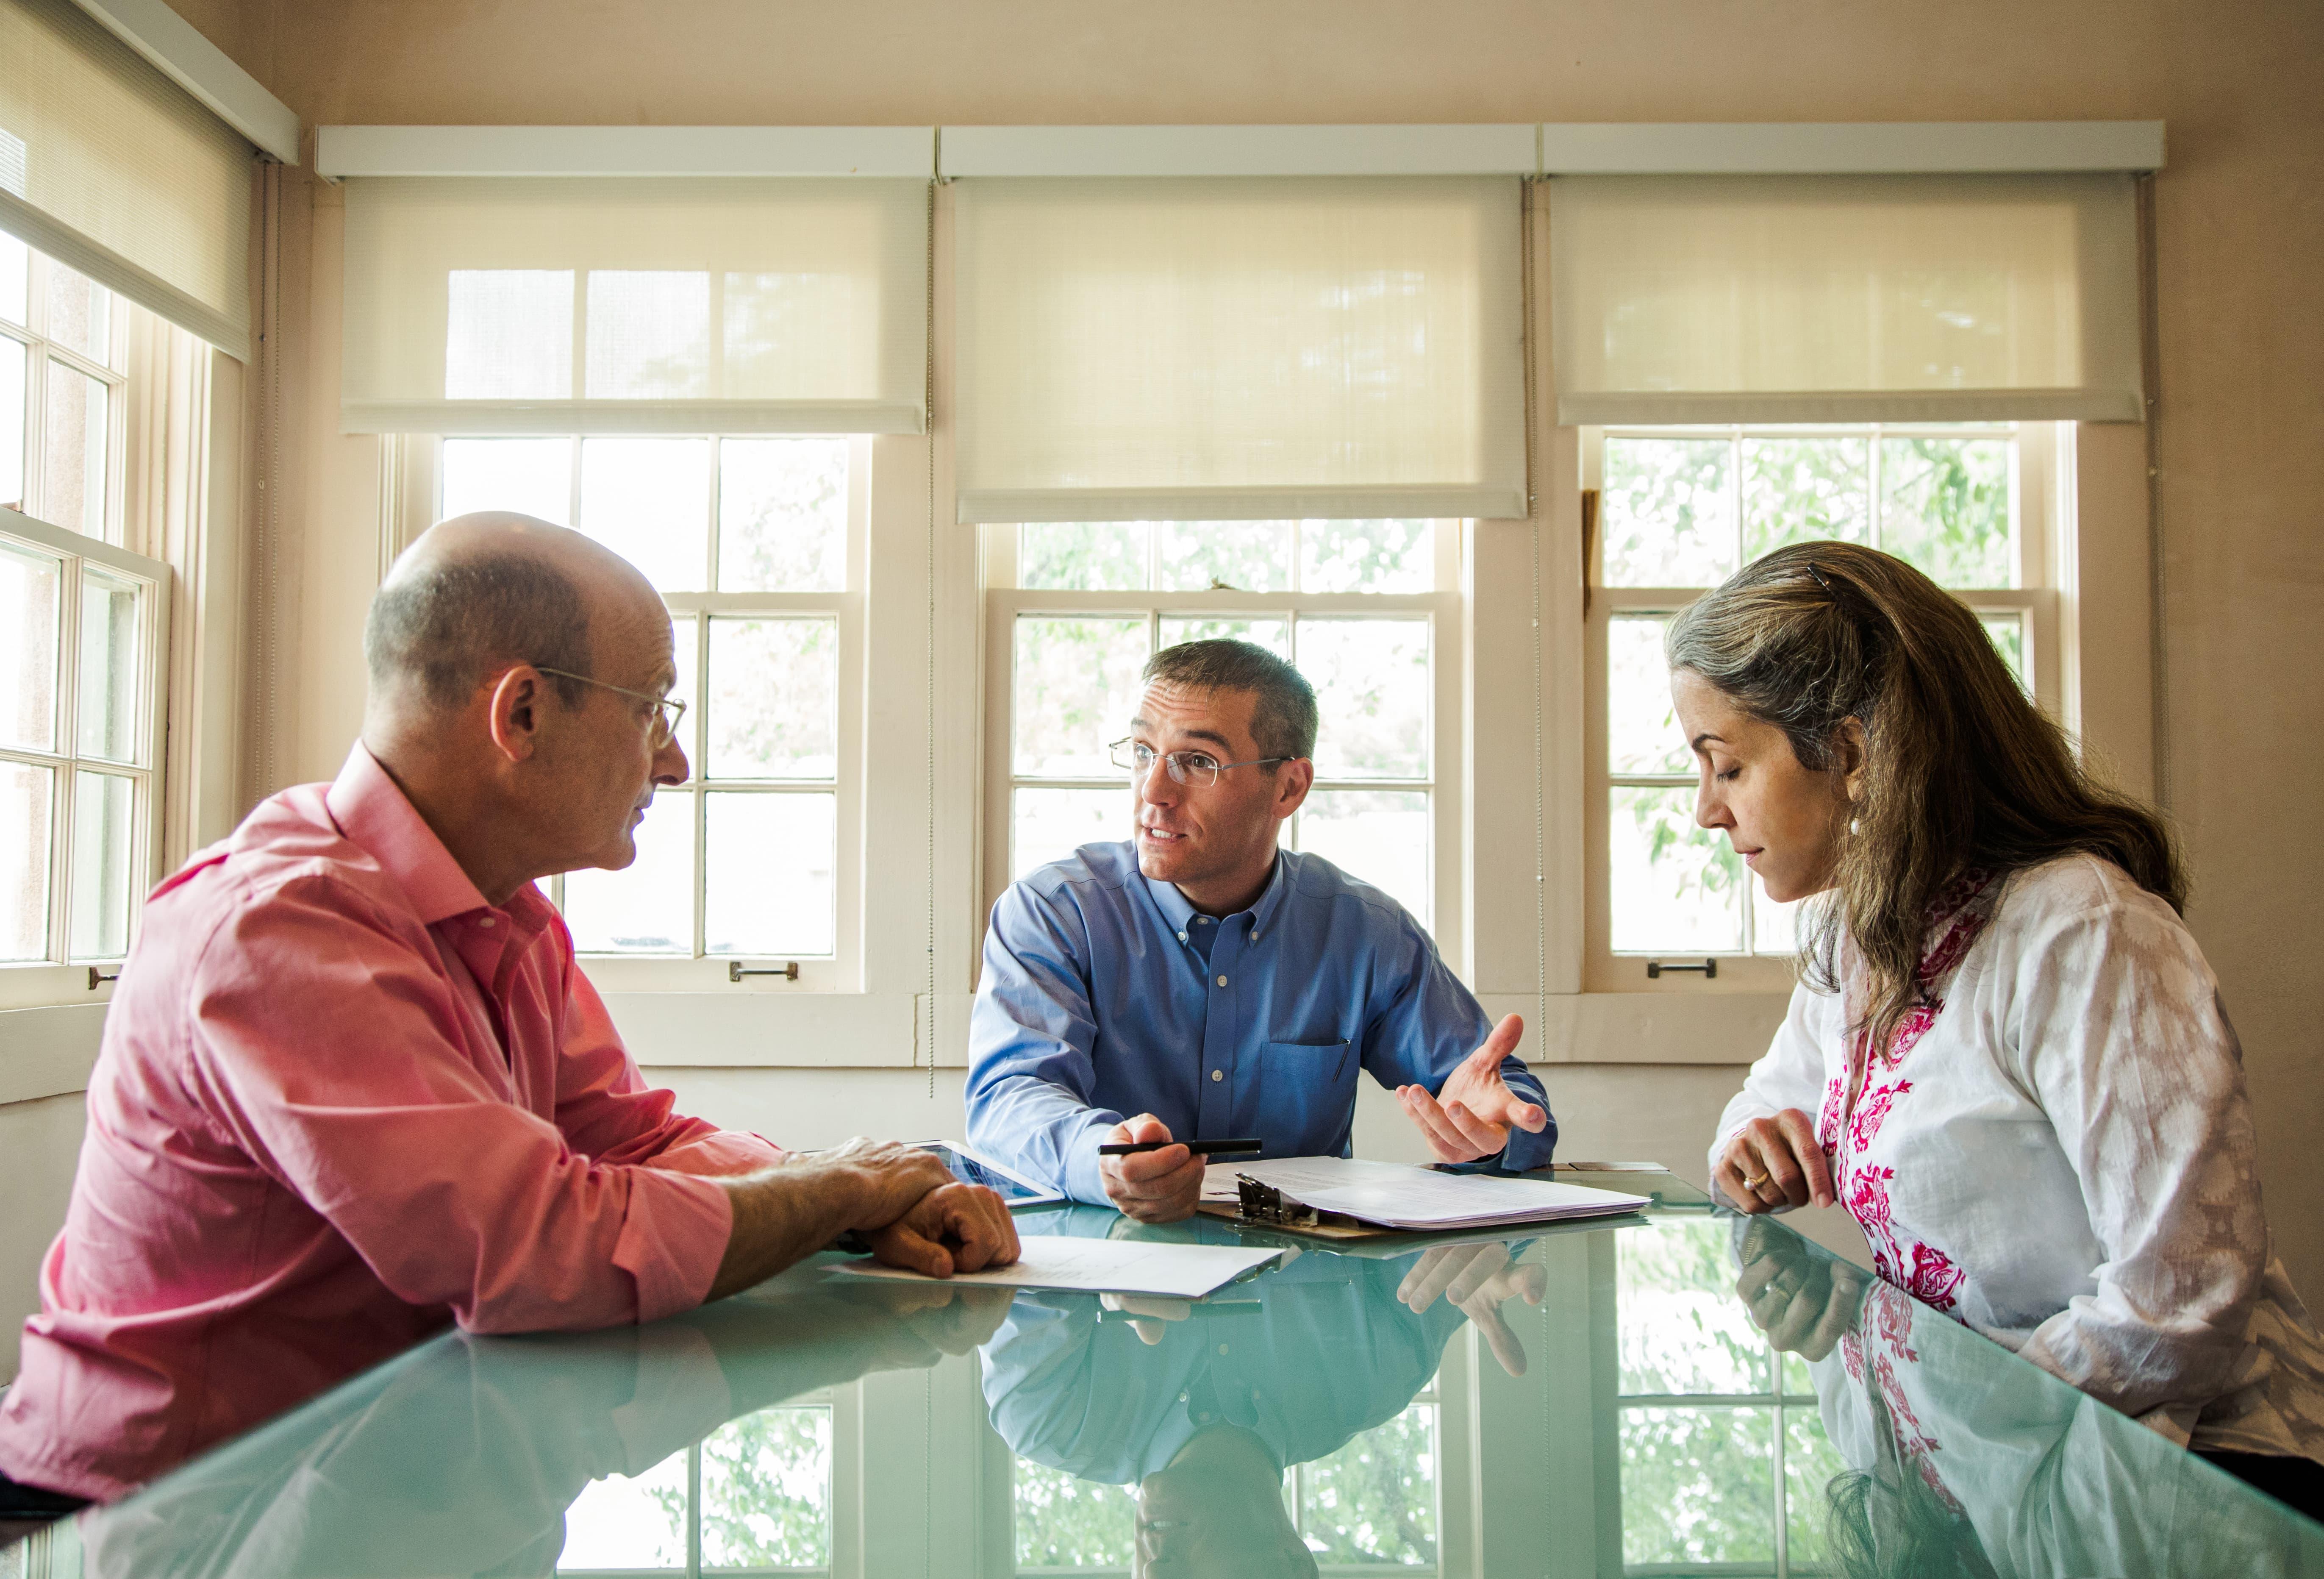 Planning Santa Fe, New Mexico LongView Asset Management